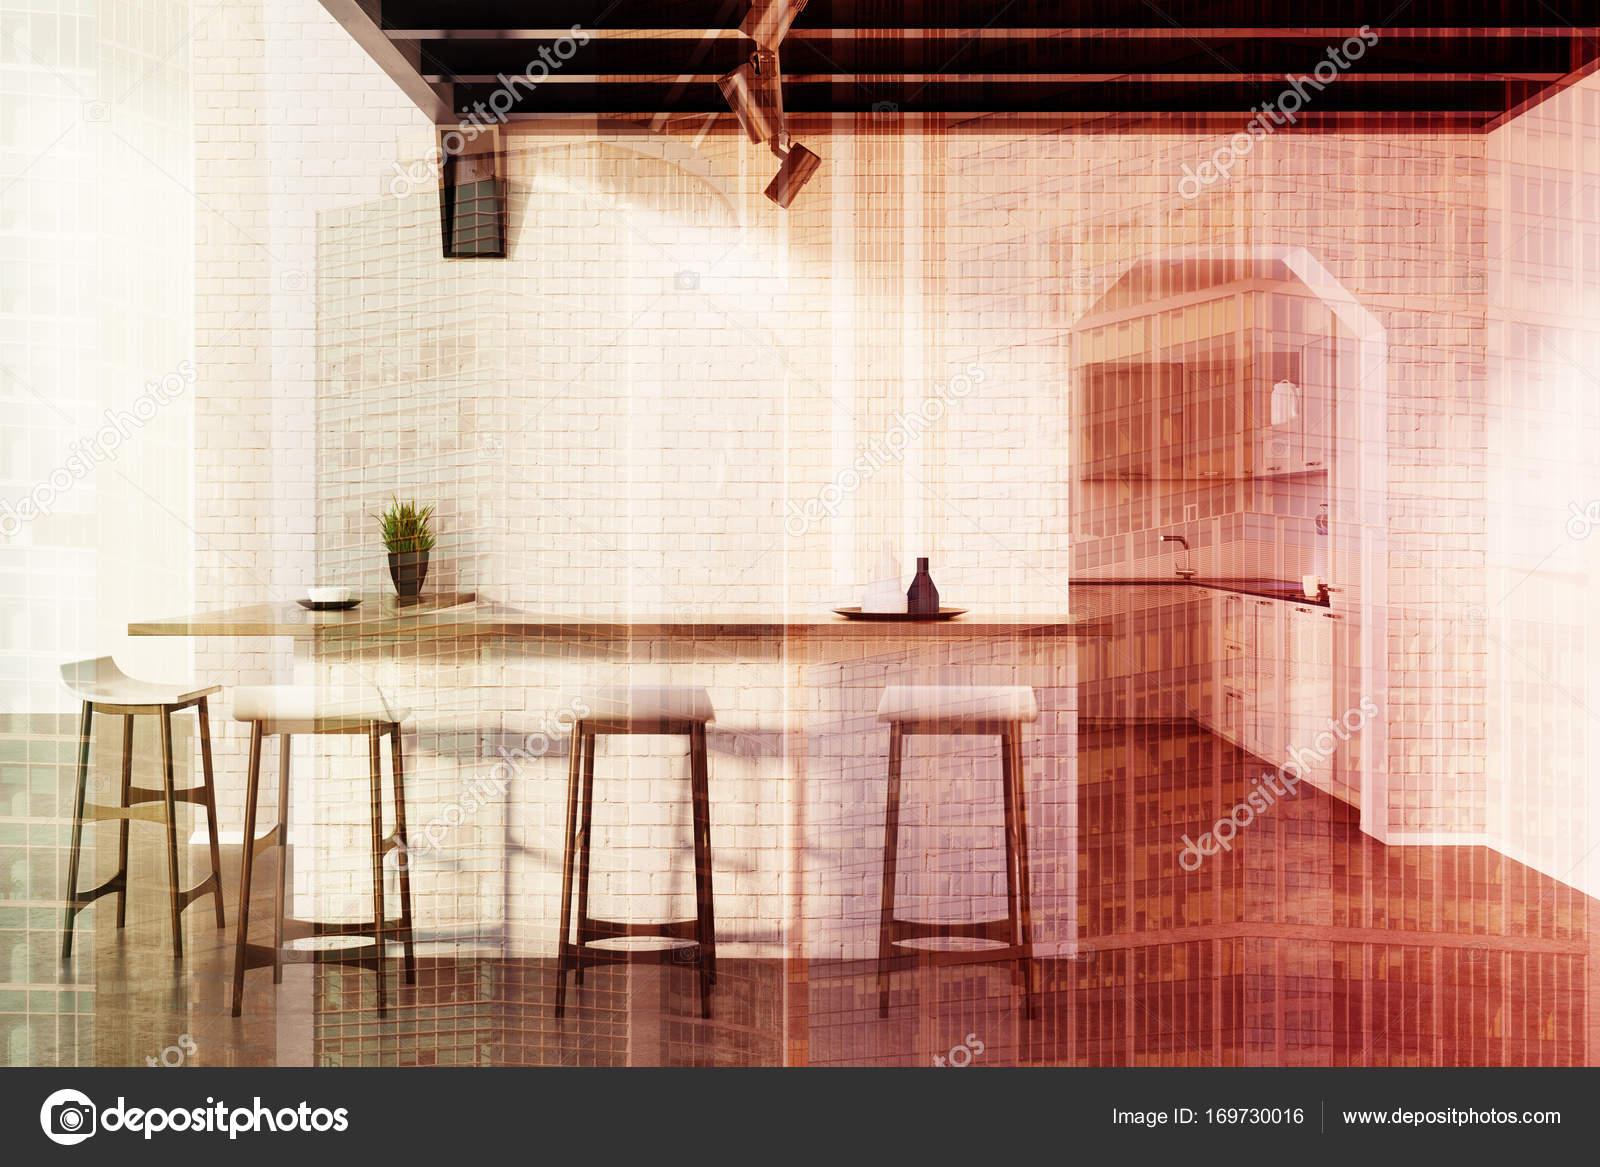 Ziegel-Küche-Bar, Hocker und eine Tür, grauen Doppel — Stockfoto ...